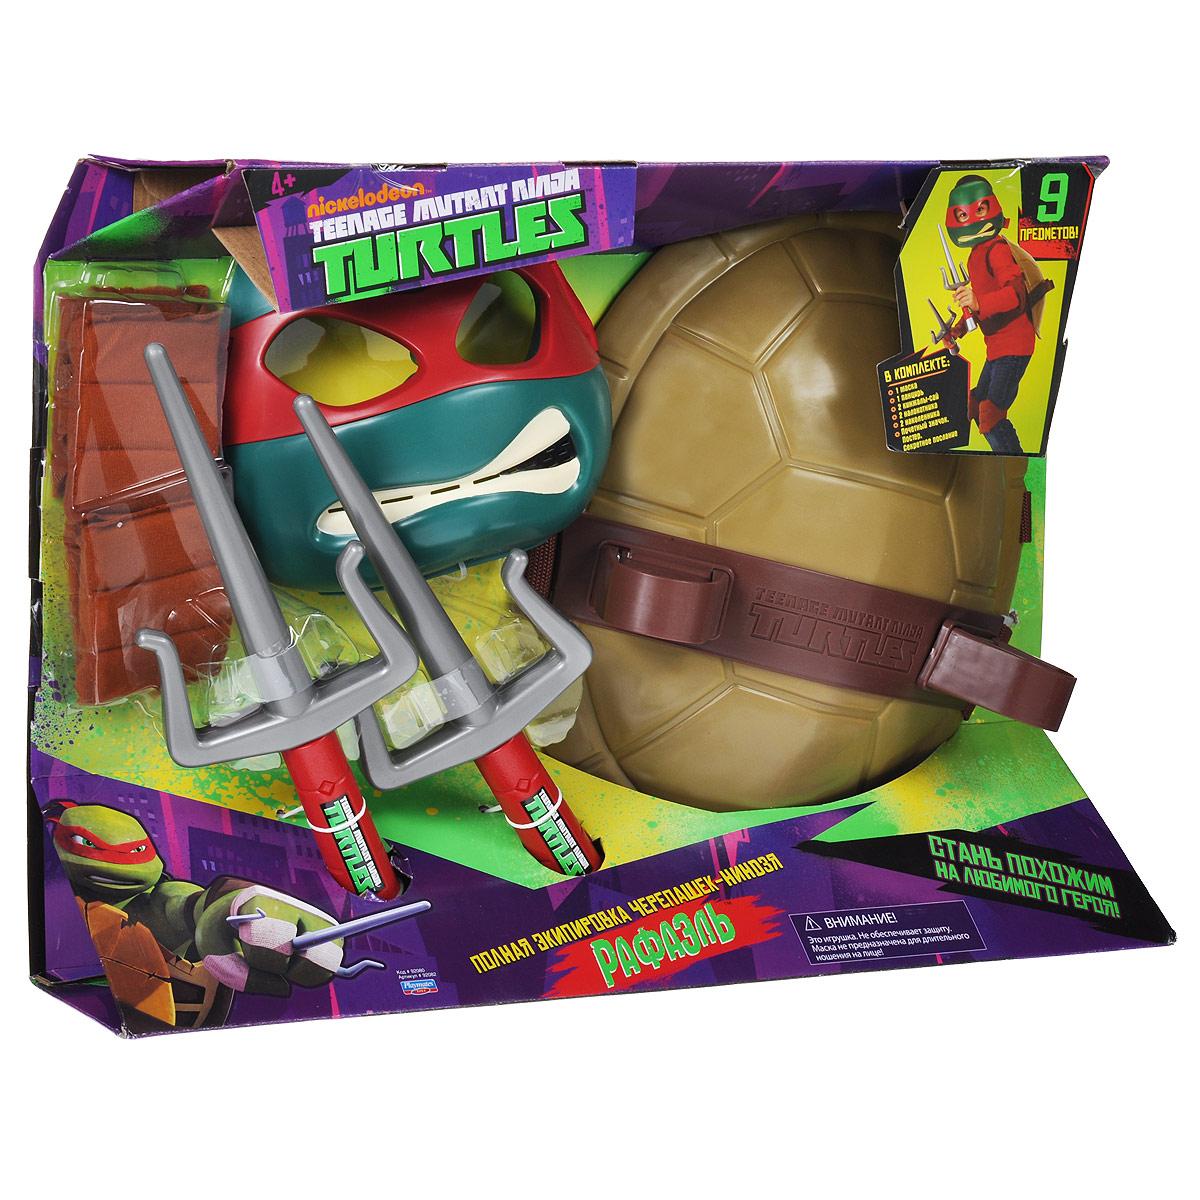 Игровой набор Turtles Боевое снаряжение Черепашки-Ниндзя: Рафаэль, 11 предметов92080_92082Игровой набор Turtles Боевое снаряжение Черепашки-Ниндзя: Рафаэль непременно понравится вашему ребенку. Он включает в себя предметы боевого снаряжения Черепашки-Ниндзя Рафаэля: маску, панцирь-щит, 2 кинжала-сай, 2 налокотника, 2 наколенника, почетный значок, постер и секретное послание. Маска имеет прорези для глаз и держится на голове при помощи эластичных ремешков на липучке. Внутри маски находится специальная резиновая накладка по контуру глаз и носа. Щит выполнен из жесткого пластика и оснащен текстильными регулируемыми ремнями: с помощью липучки щит можно закрепить на поясе, с помощью пластиковых фиксаторов - на обоих плечах. Также щит снабжен двумя специальными универсальными держателями, которые подходят для любого оружия Черепашек-Ниндзя. С игровым набором Turtles Боевое снаряжение Черепашки-Ниндзя: Рафаэль ваш ребенок без труда перевоплотиться в любимого героя. Порадуйте своего непоседу таким замечательным подарком!